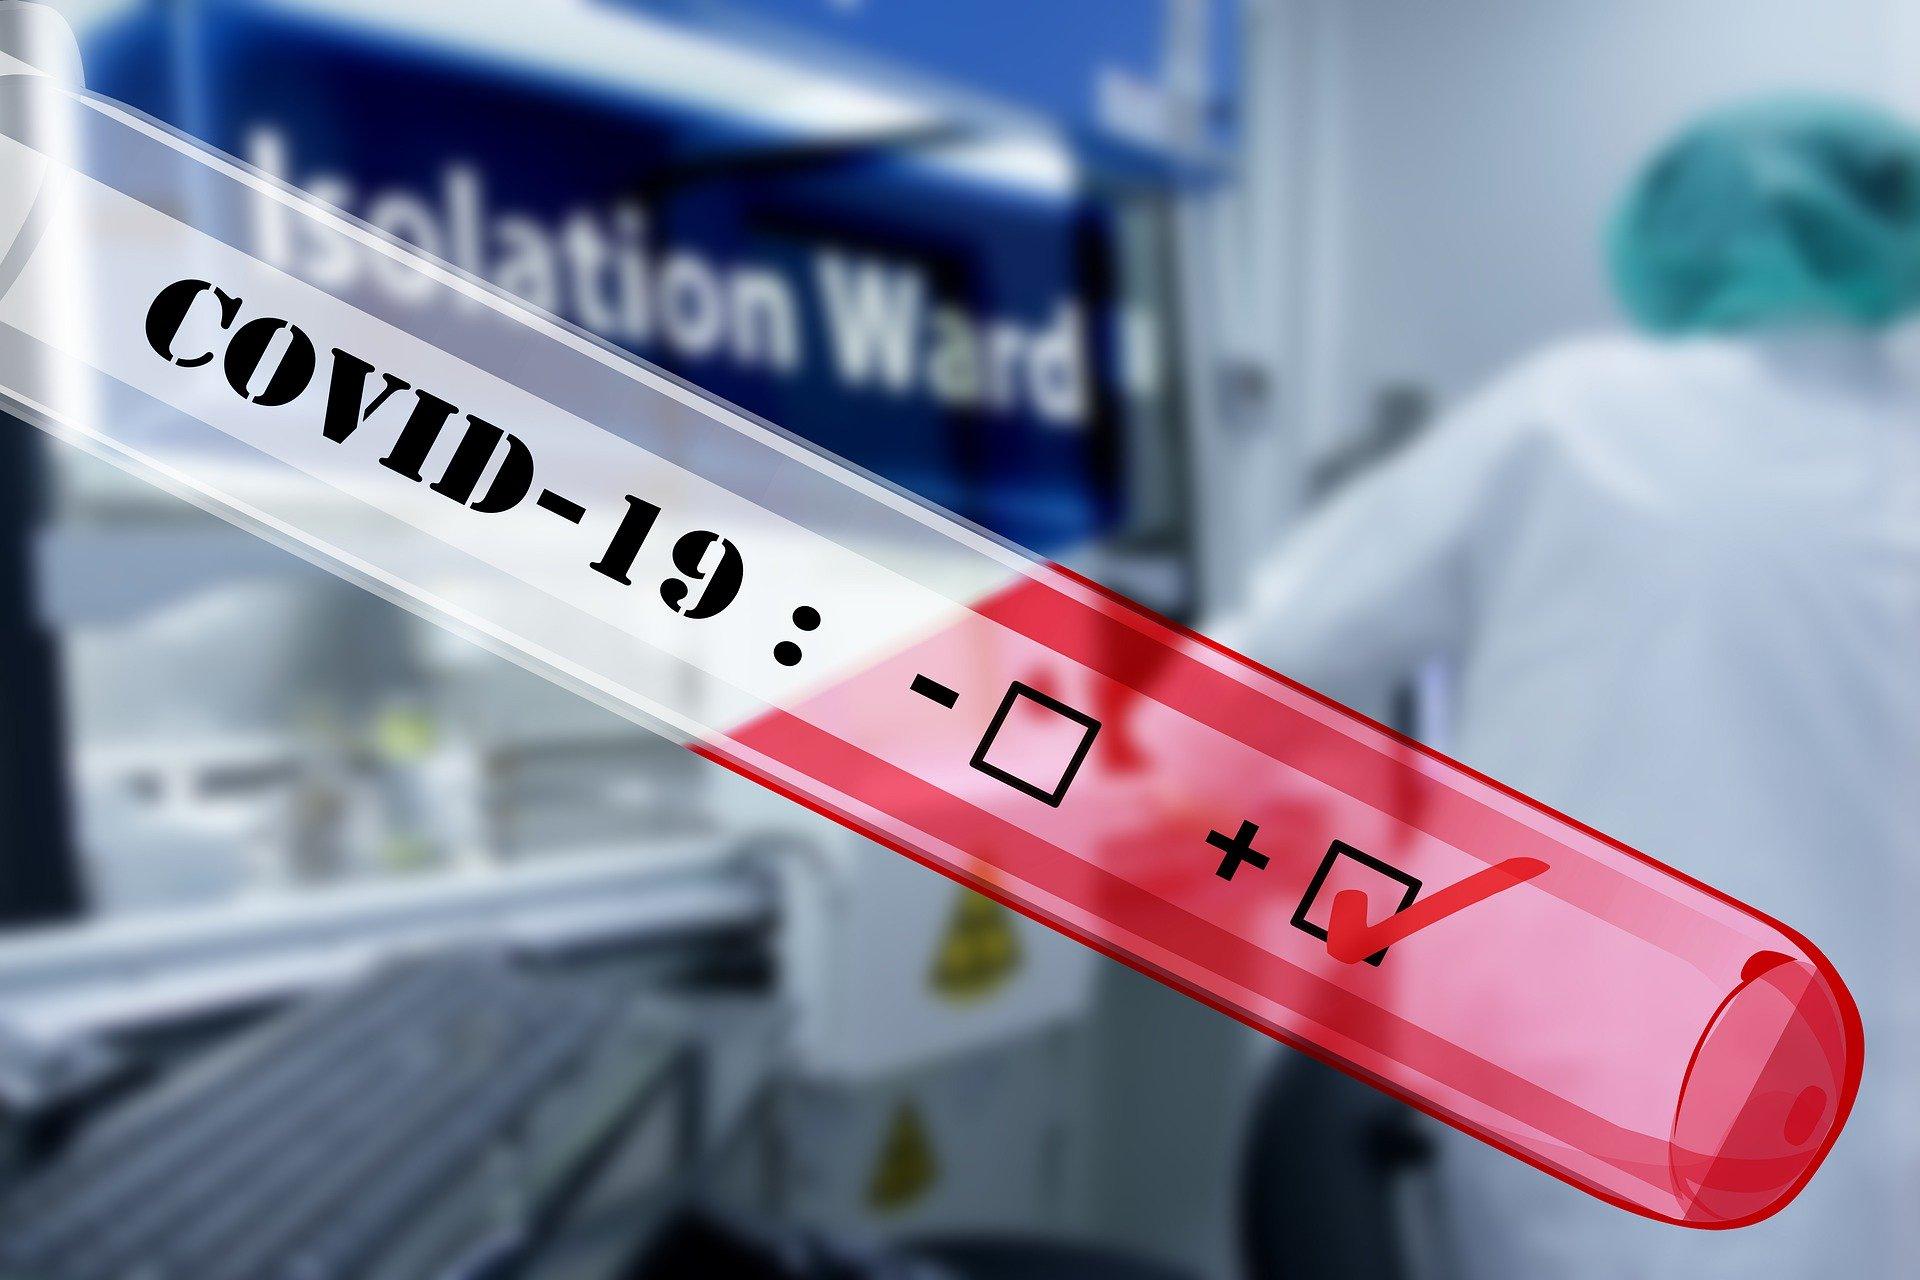 Gdzie kierowcy mogą przejść test na COVID-19 w krajach Unii Europejskiej? [Poradnik]